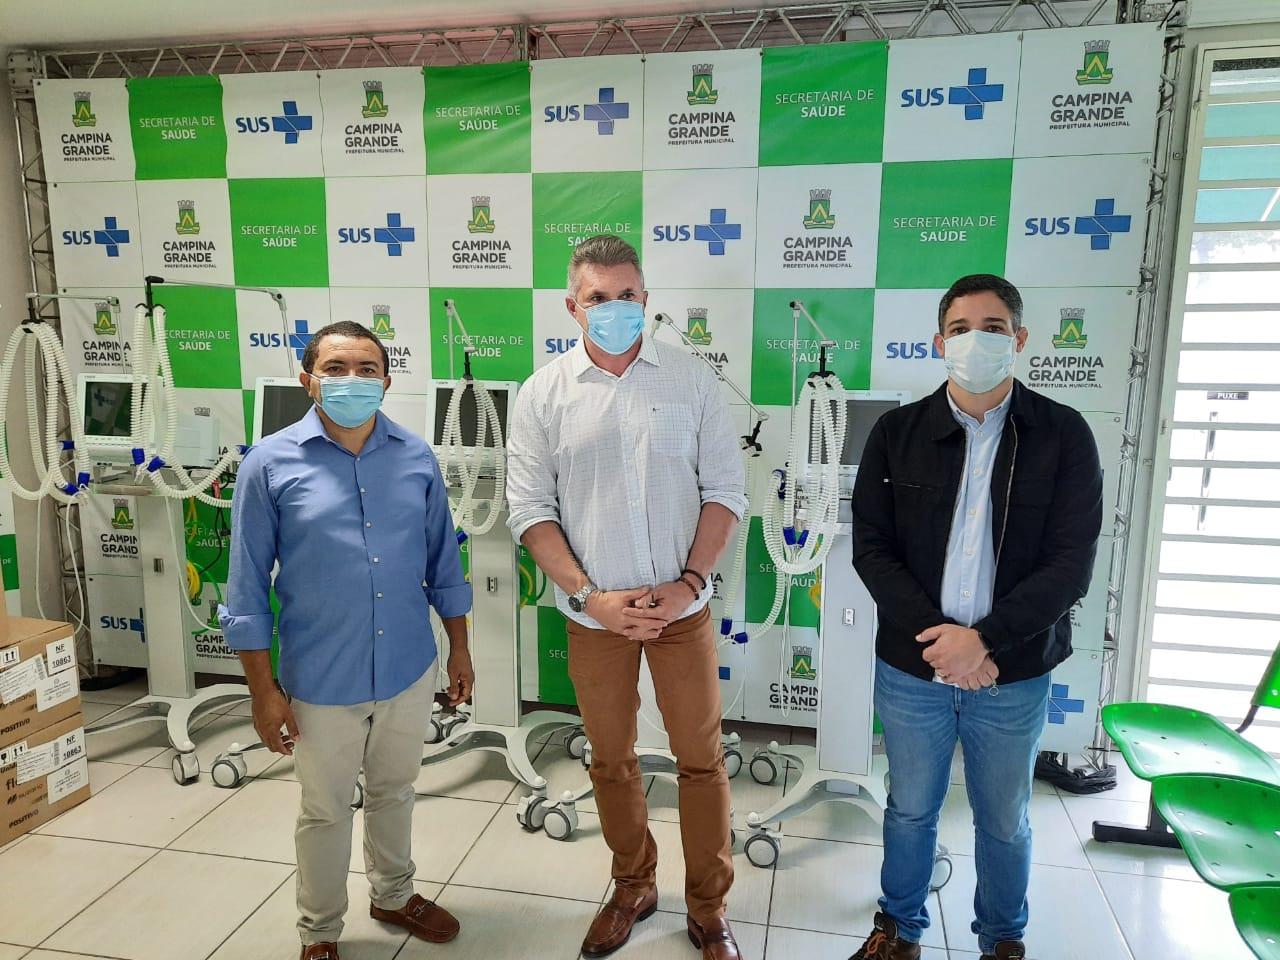 WhatsApp Image 2020 07 06 at 20.28.14 - Julian Lemos faz entrega de 10 respiradores para tratamento da COVID-19, em Campina Grande - VEJA VÍDEO